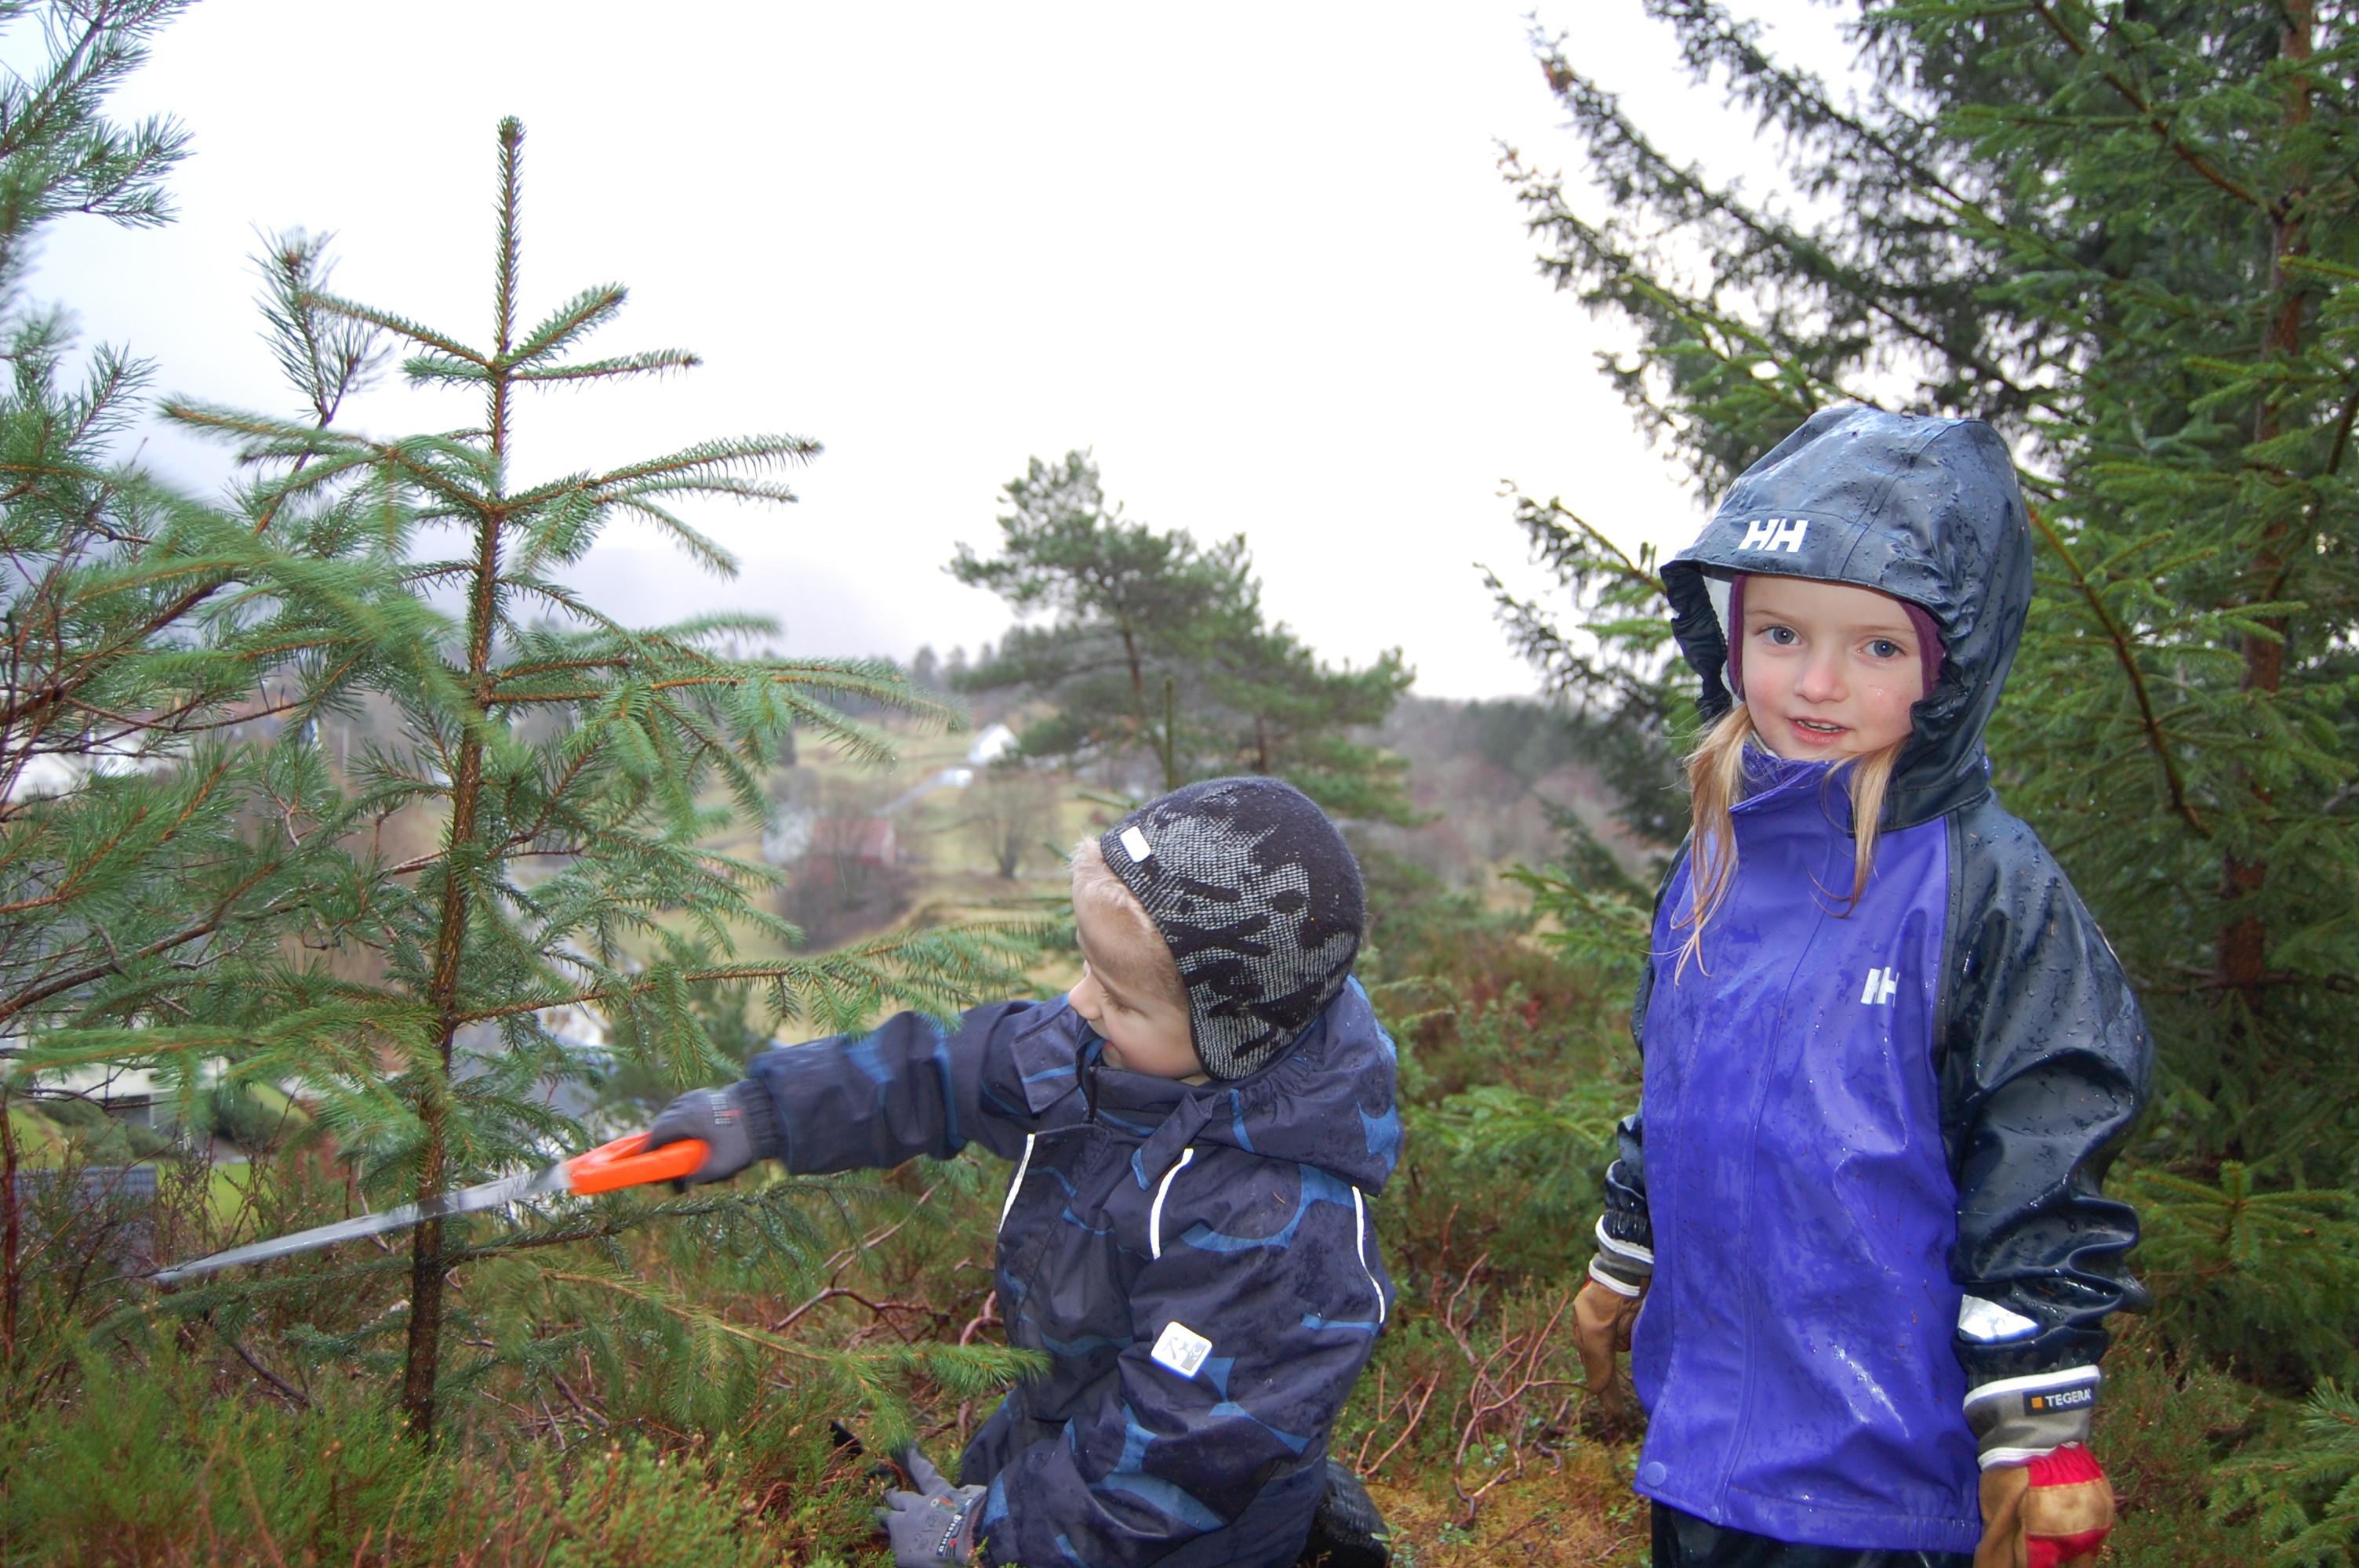 Linda Sæle Kjenes_på juletrejakt.jpg